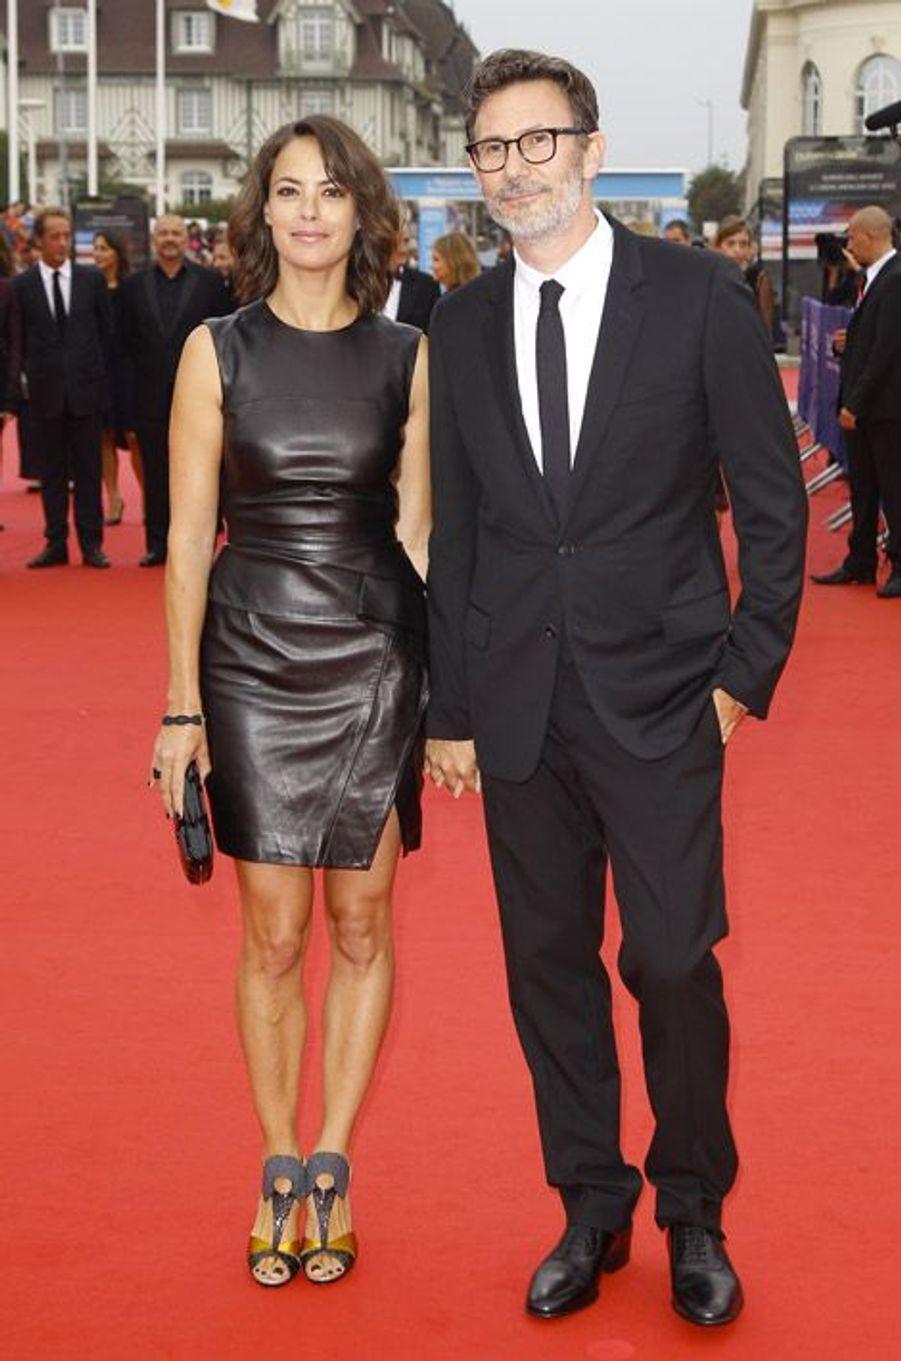 Bérénice Béjo et Michel Hazanavicius lors de l'ouverture du festival du film américain de Deauville, le 5 septembre 2014